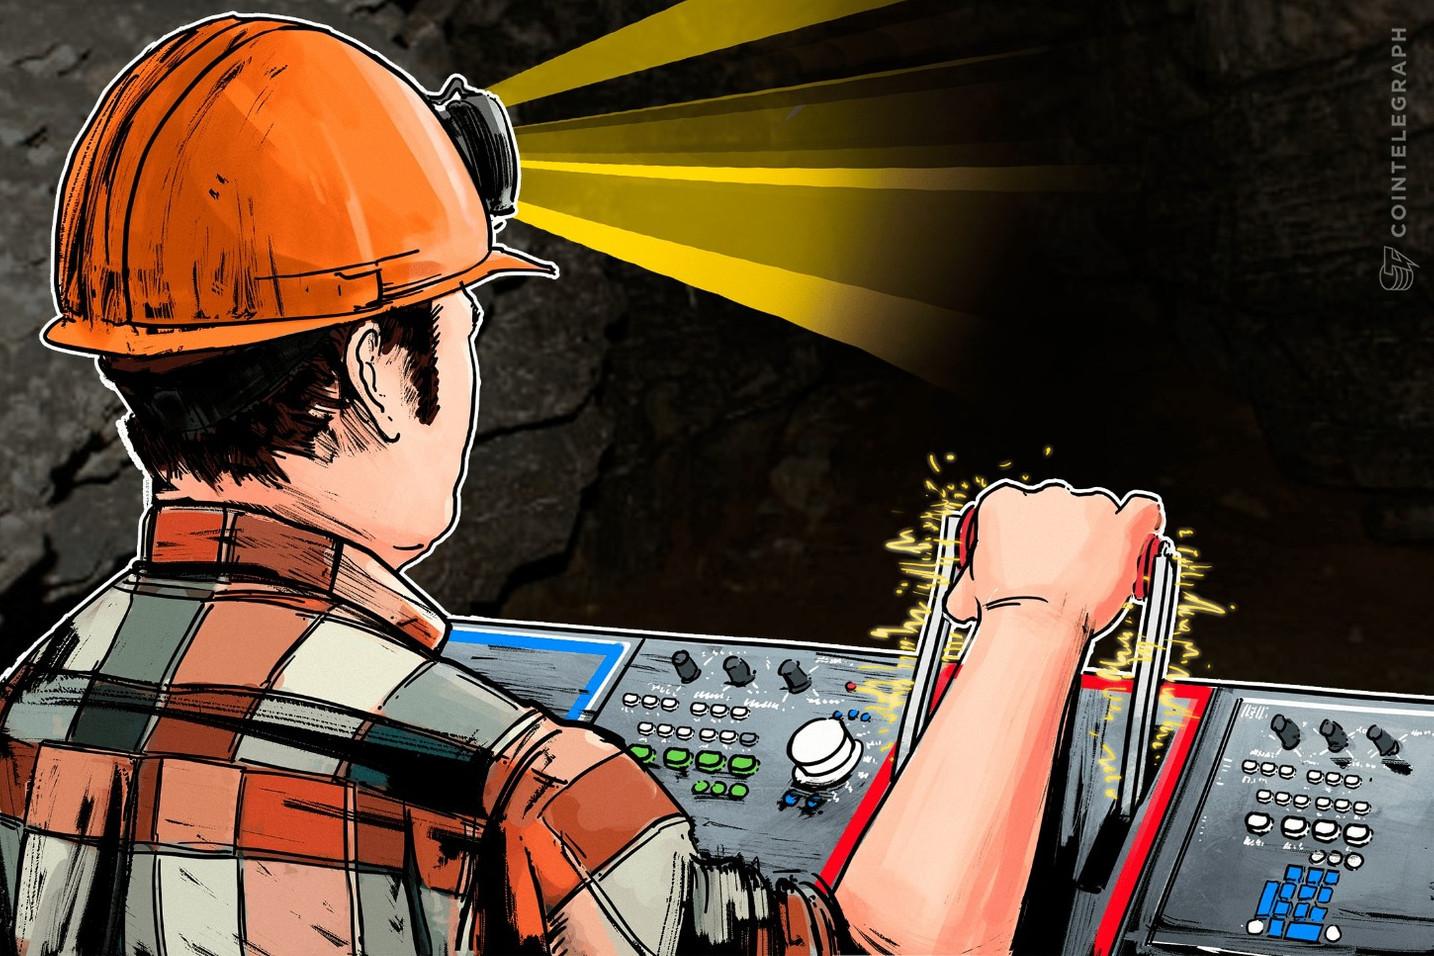 Austrian Financial Regulator Halts Operations of Crypto Mining Platform